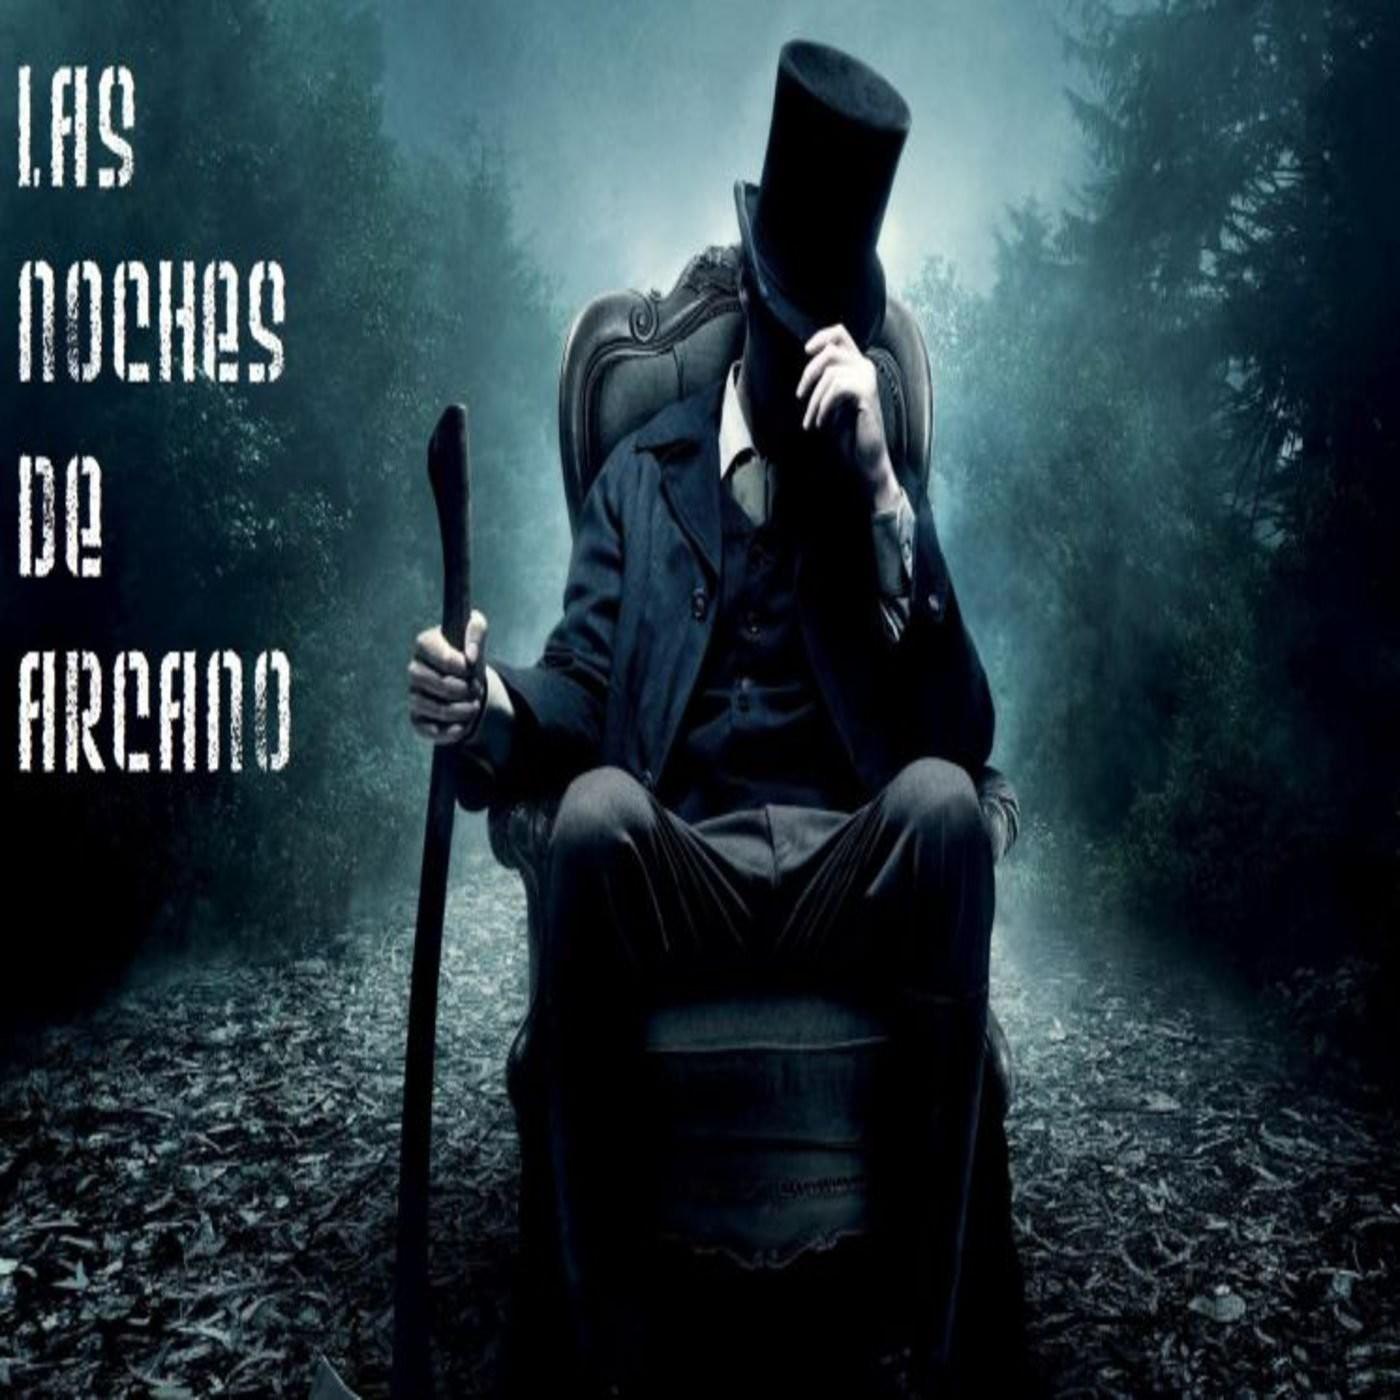 <![CDATA[Las Noches de Arcano]]>